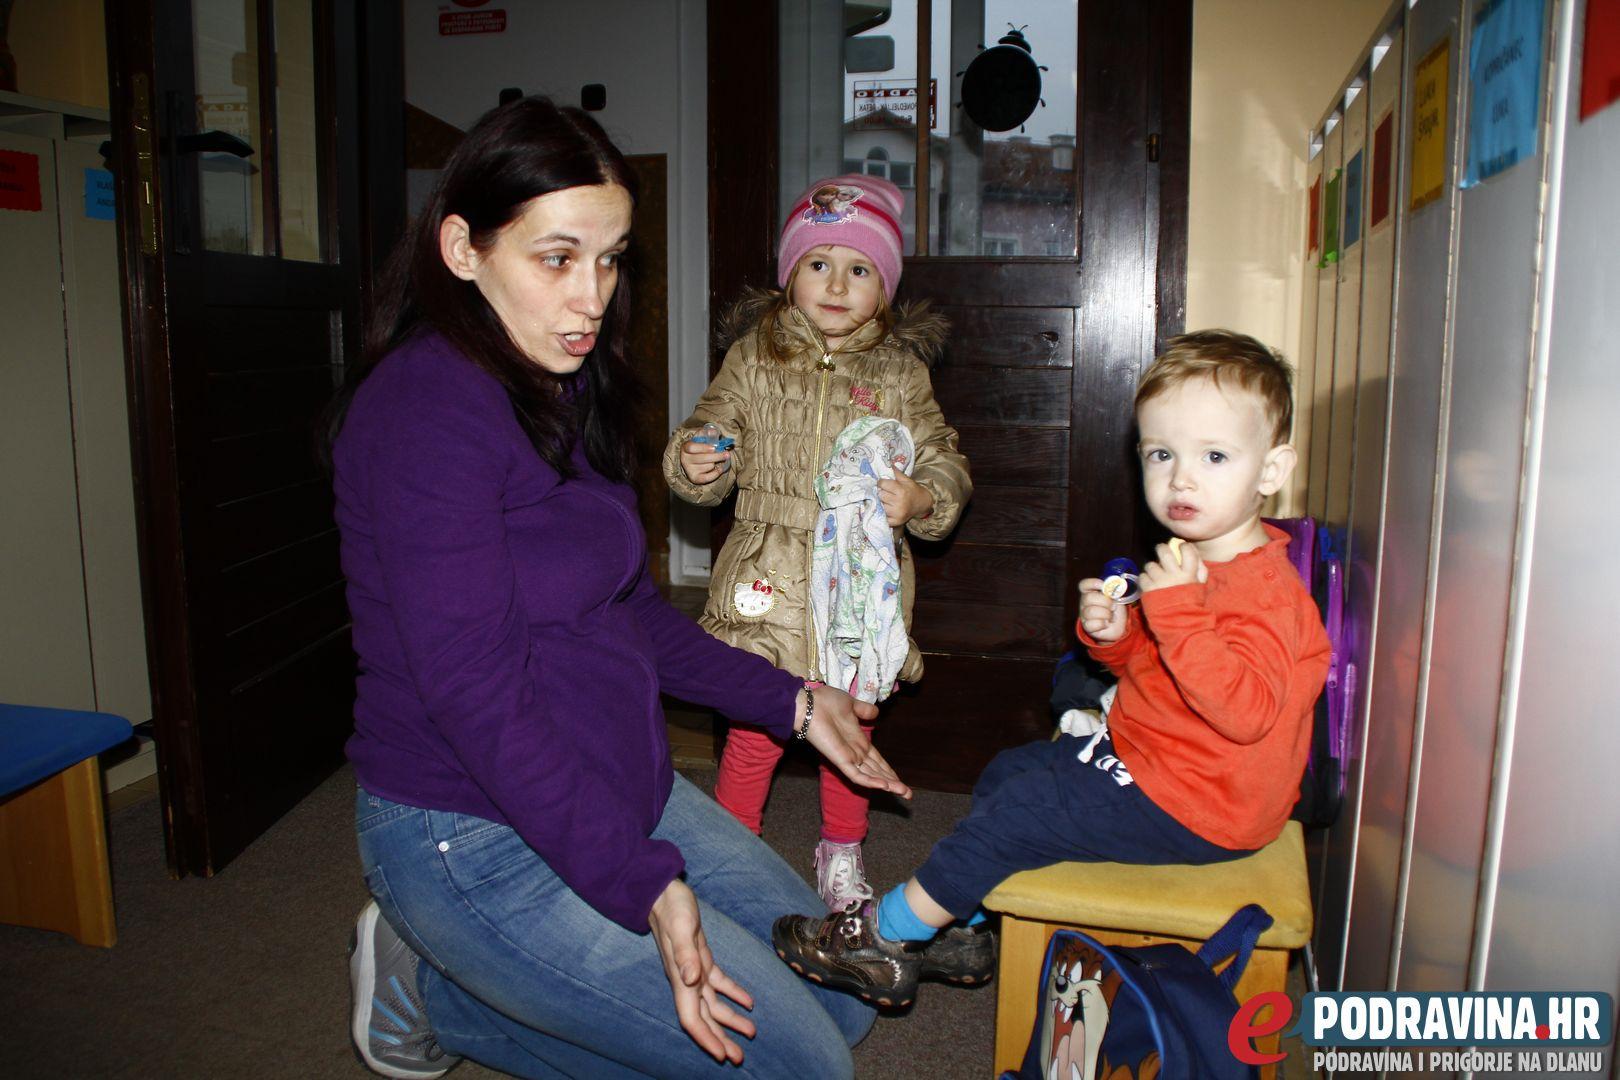 Žaklina Moslavac od siječnja će morati izdvajati 600 kuna za boravak djece u vrtiću // Foto: Marko Murković